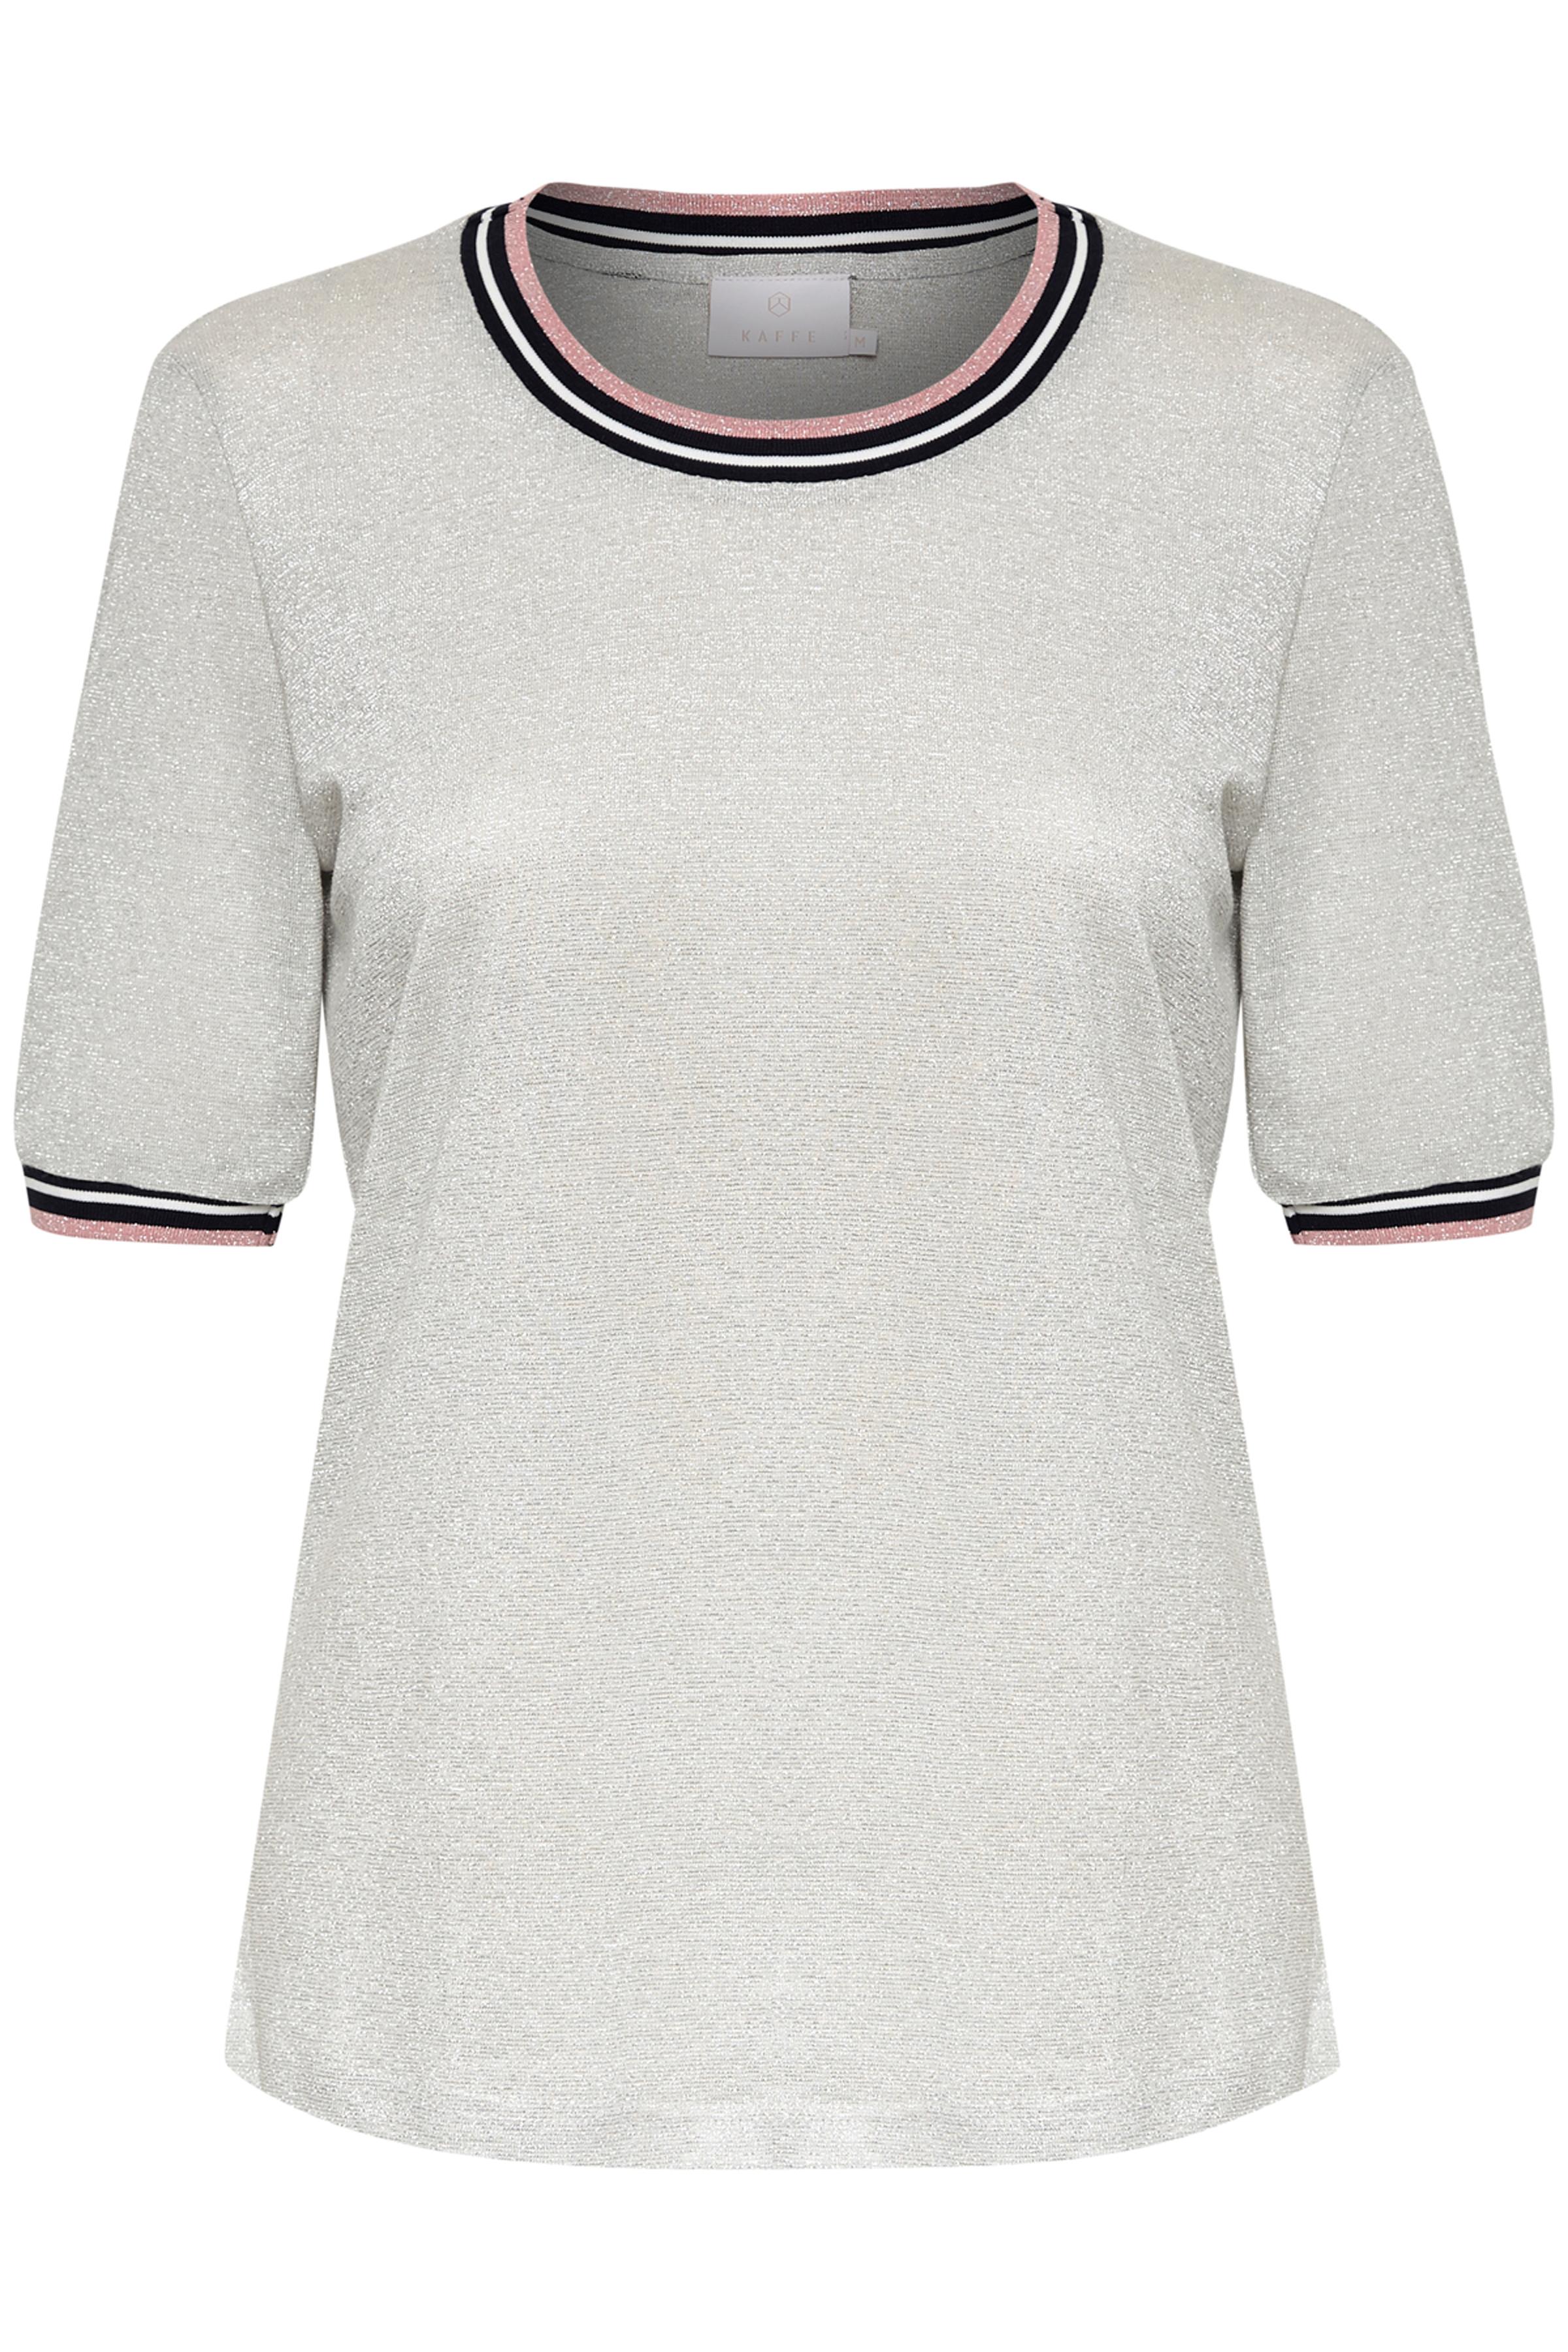 Zilver T-shirt korte mouw van Kaffe – Door Zilver T-shirt korte mouw van maat. XS-XXL hier